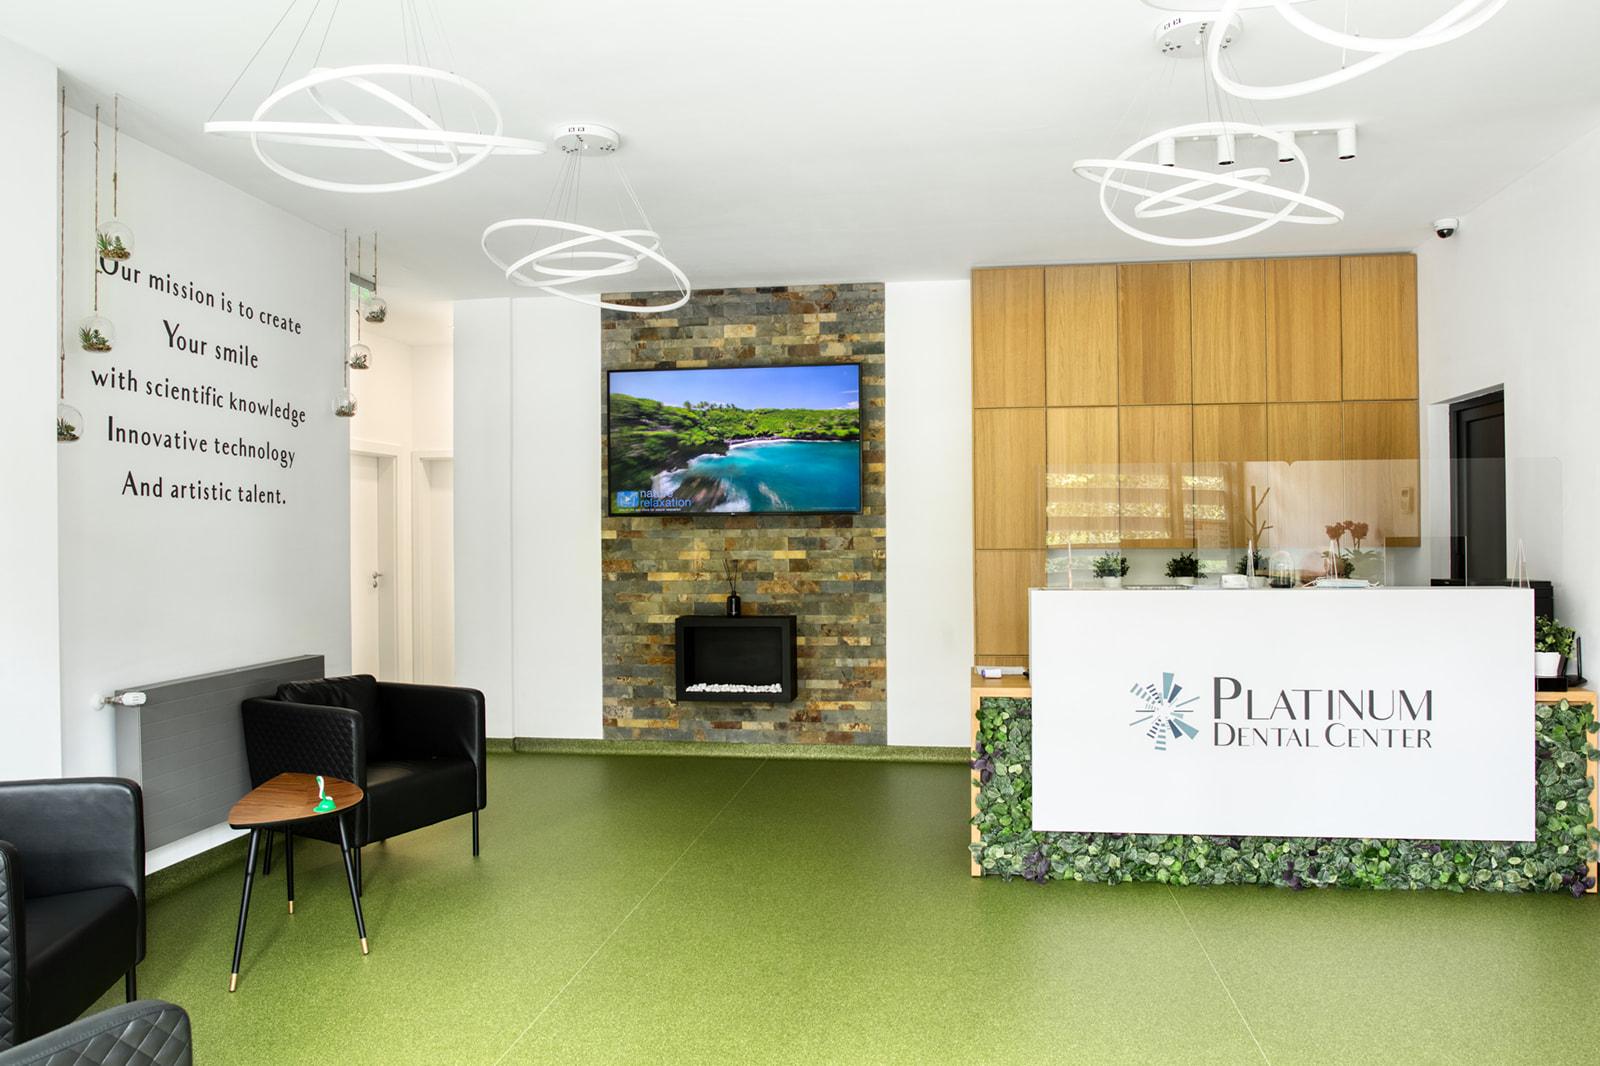 Acasa - Platinum Dental Center